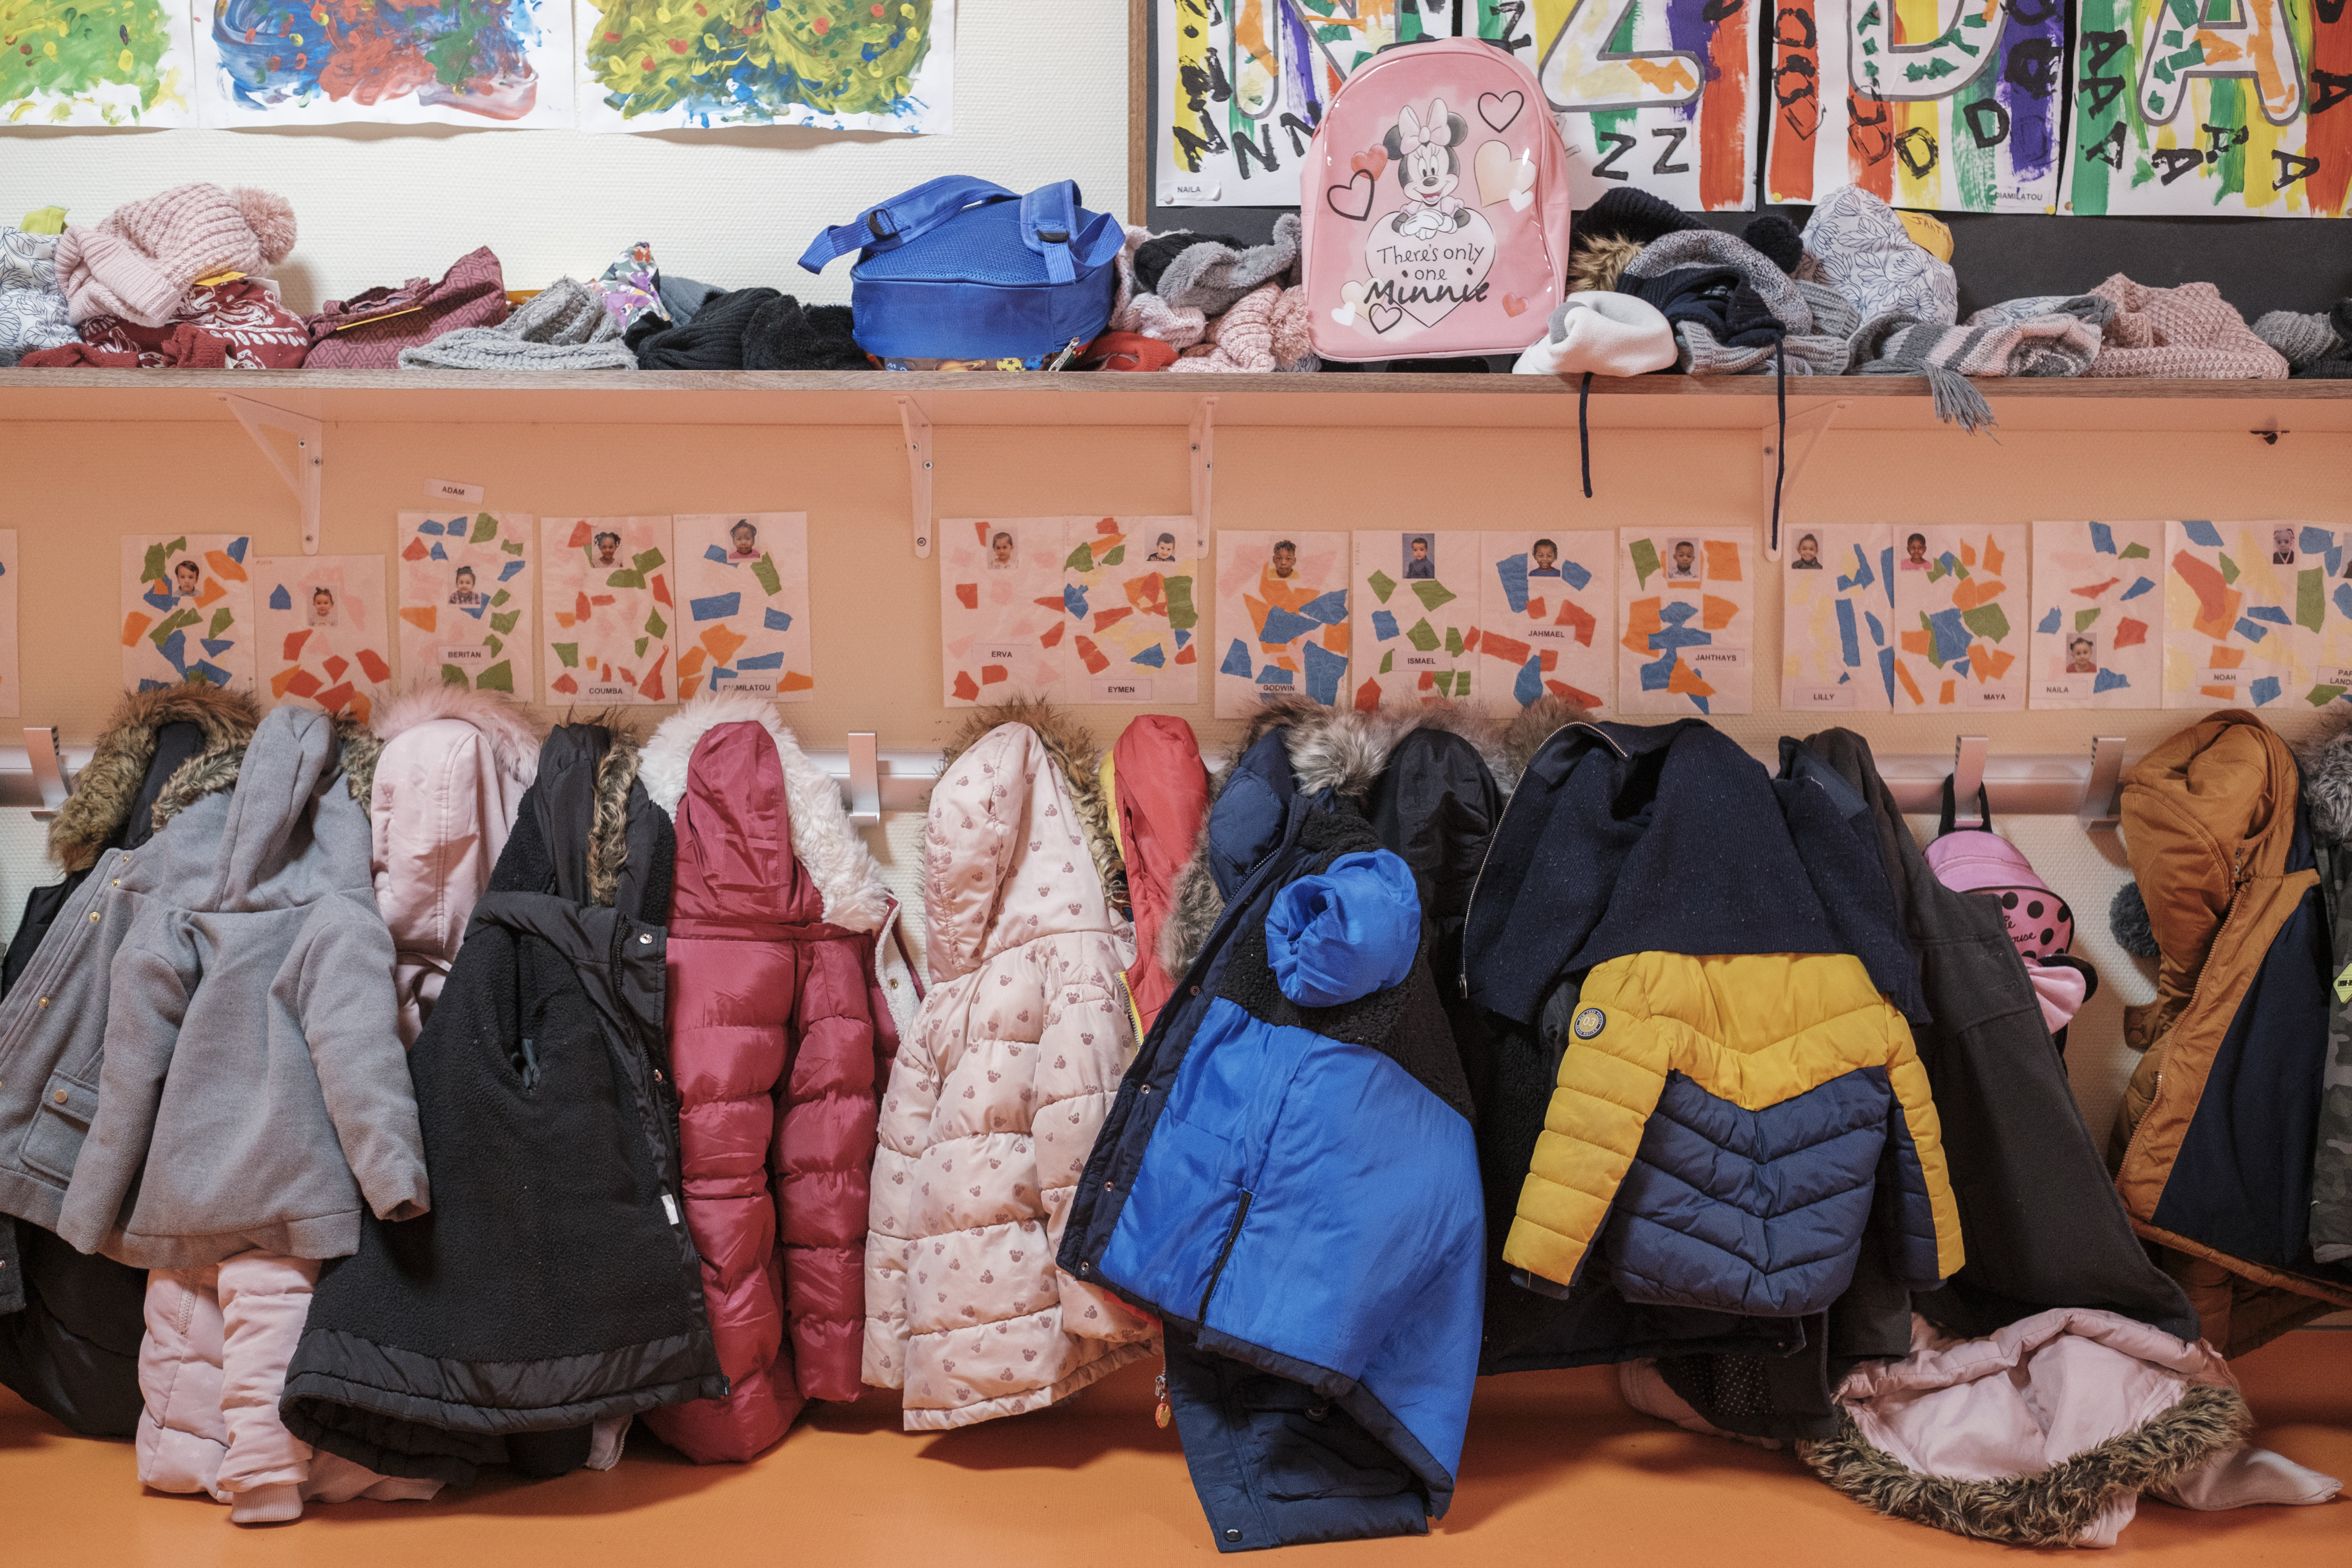 Coronavirus : les médecins scolaires demandent la fermeture des établissements pour quatre semaines - Le Parisien